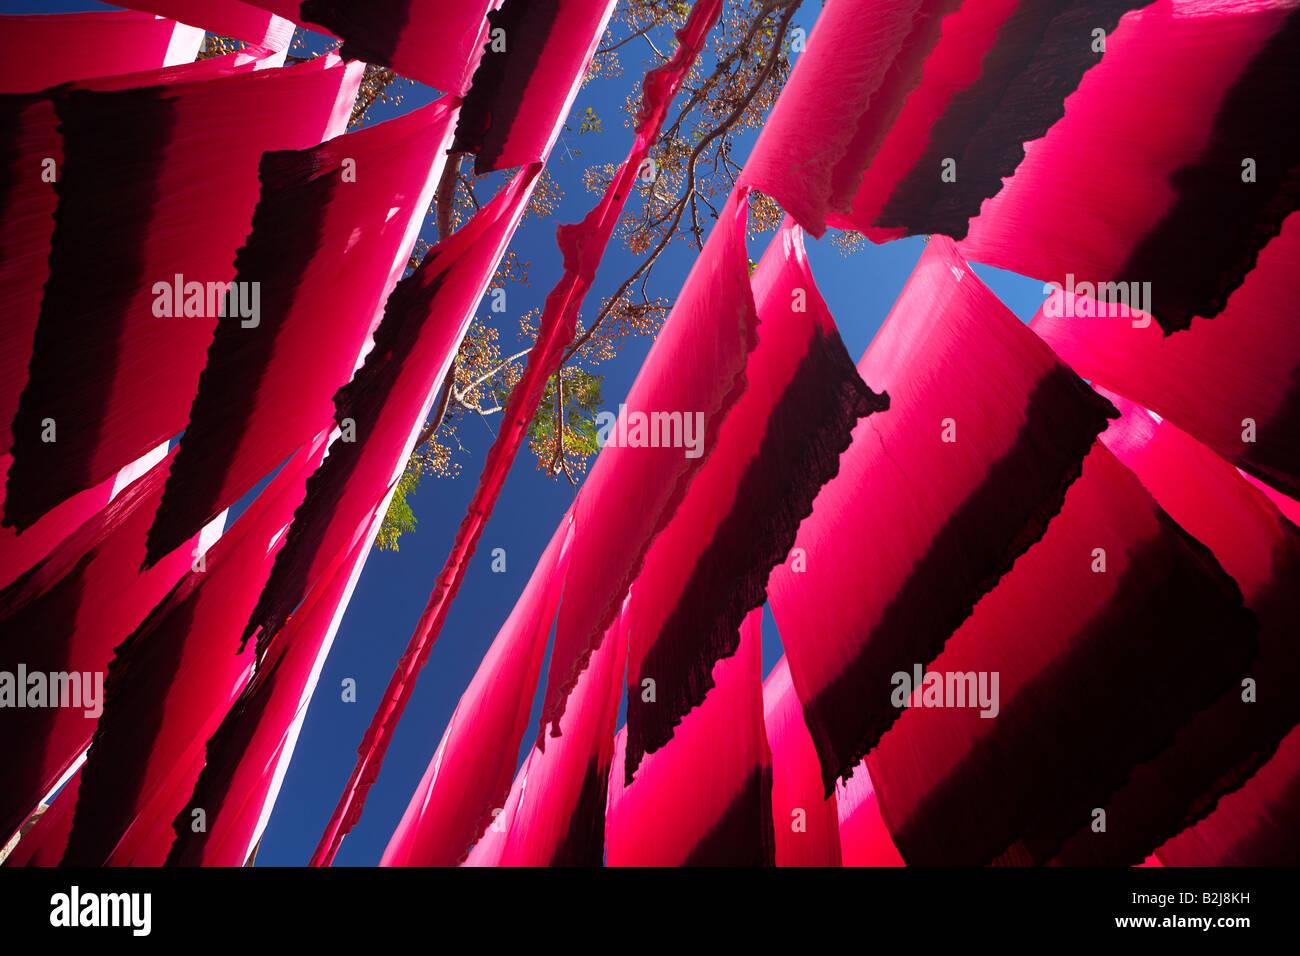 Stränge aus Seide hing zum Trocknen in die Färberin Souk, Marrakesch, Marokko Stockbild